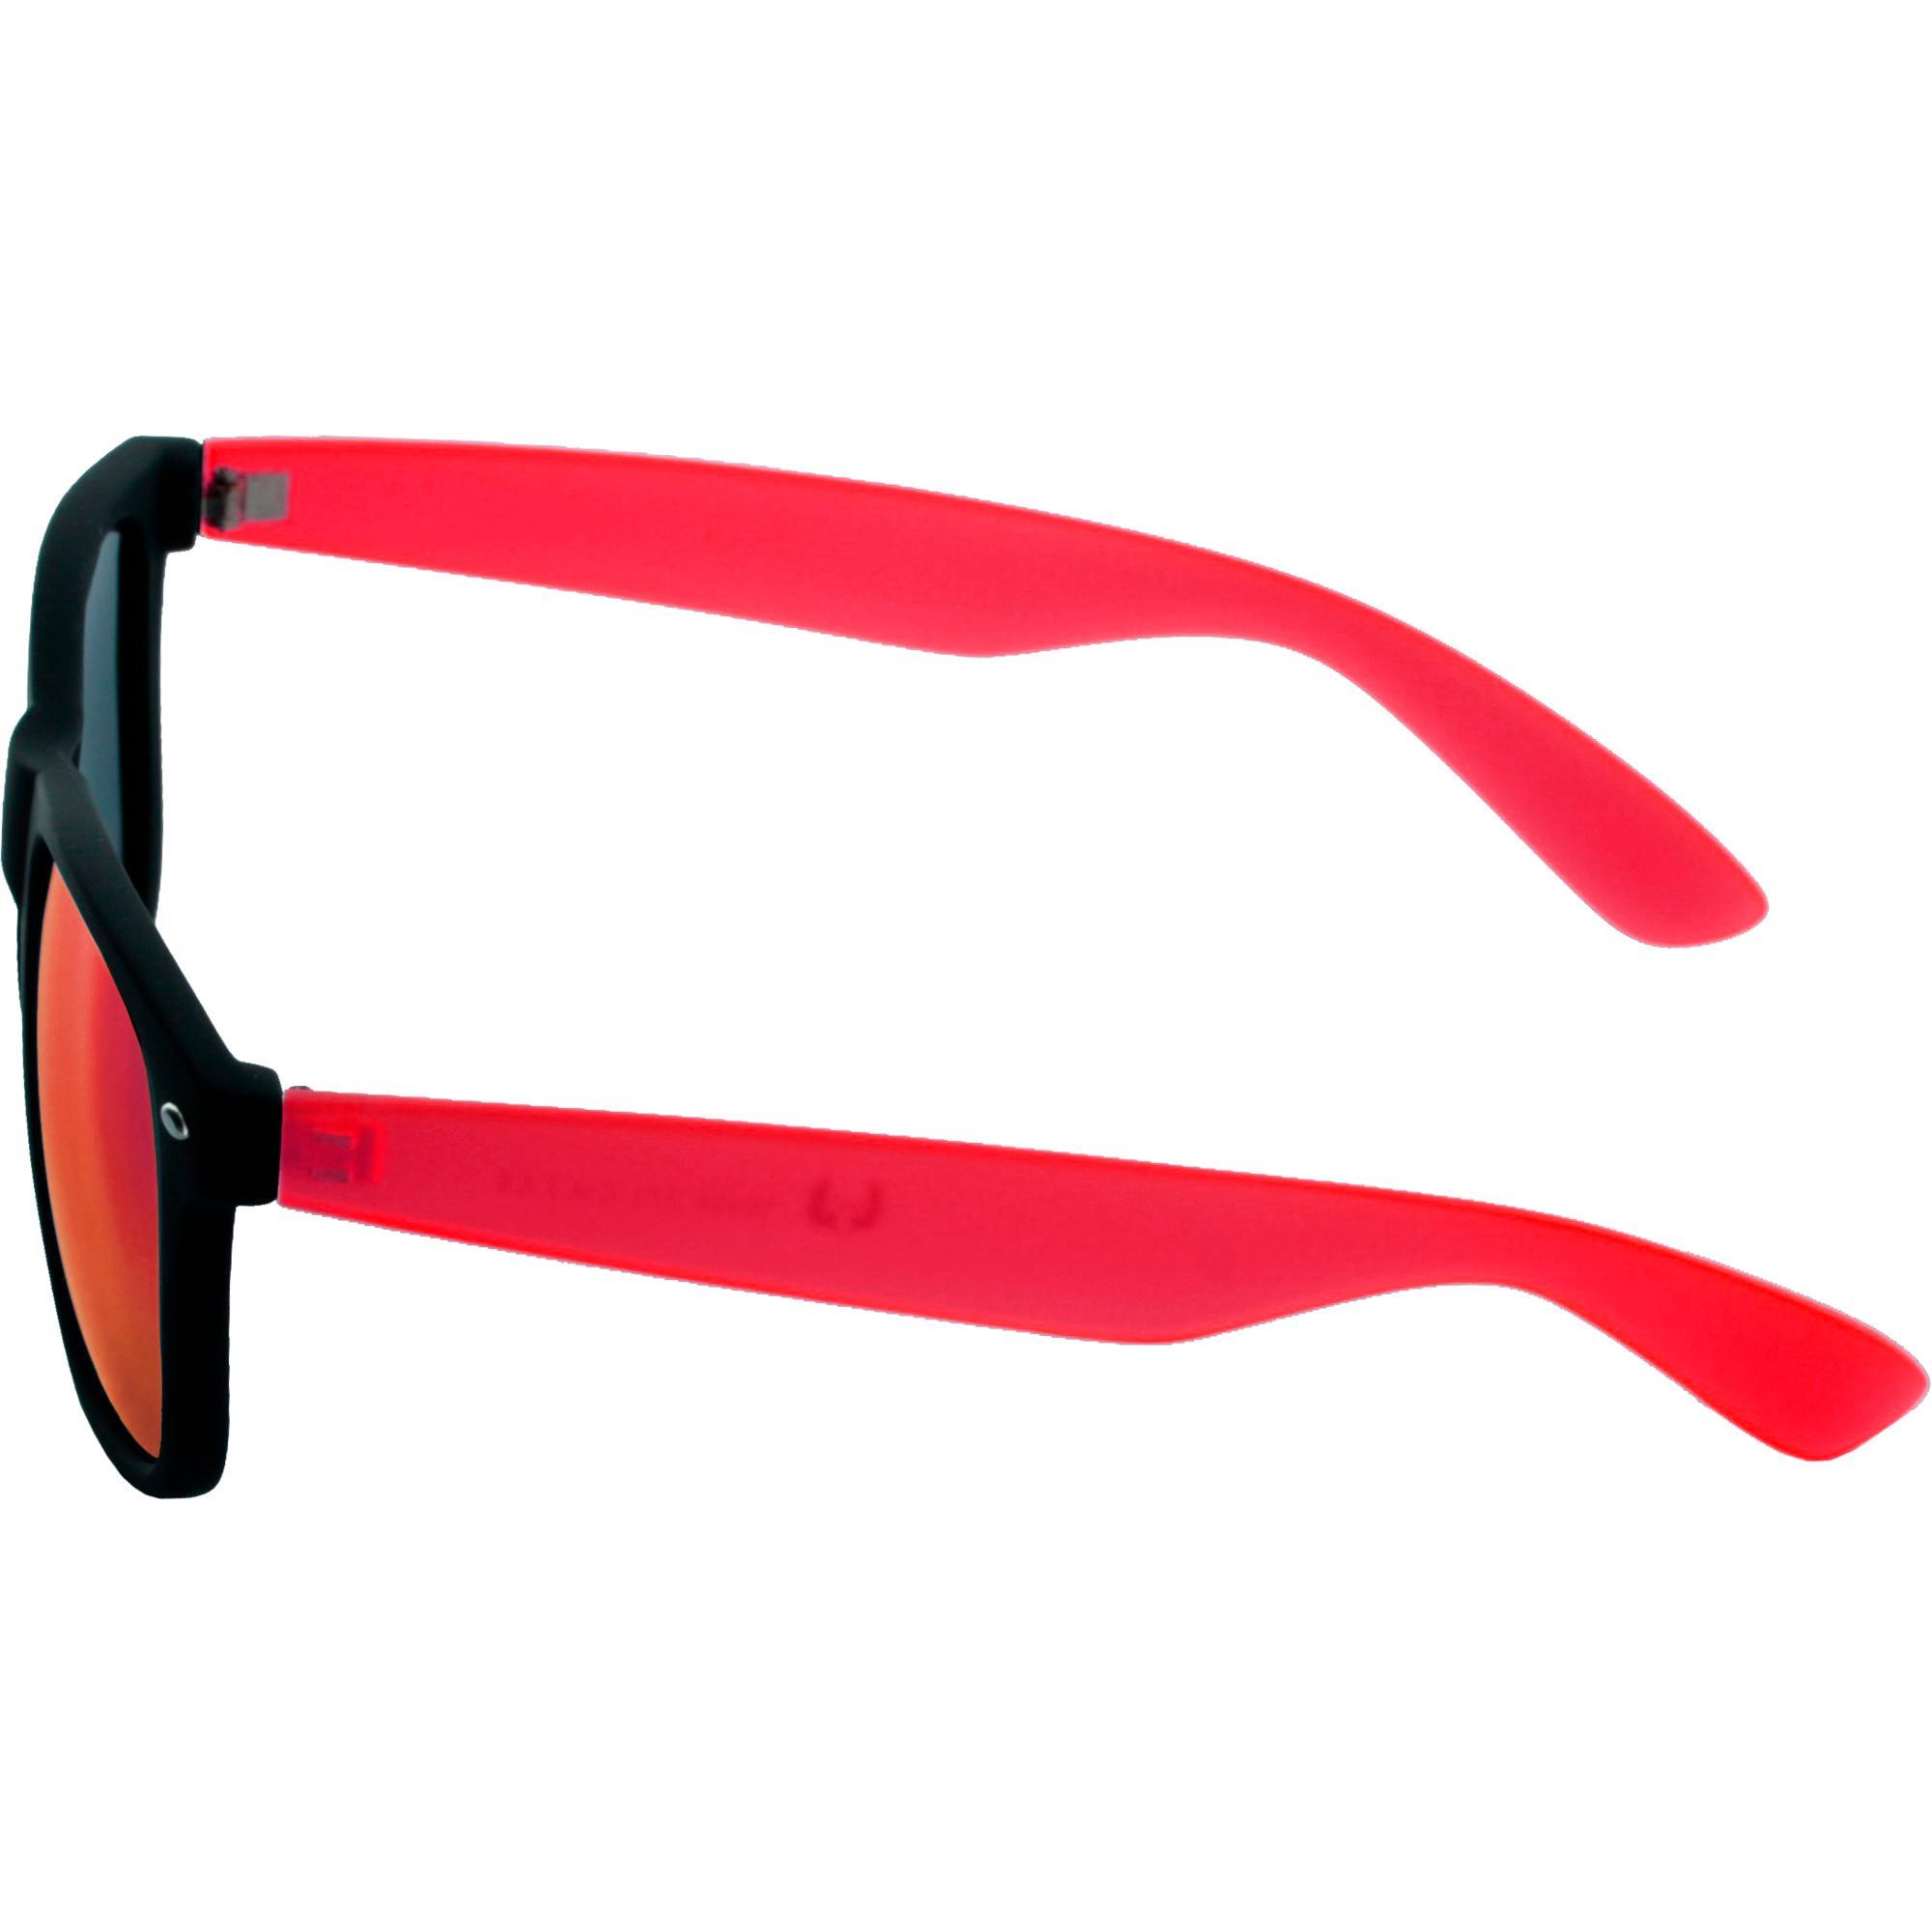 MasterDis Likoma Mirror Sonnenbrillen Sonnenbrille schwarz orange lOSf3